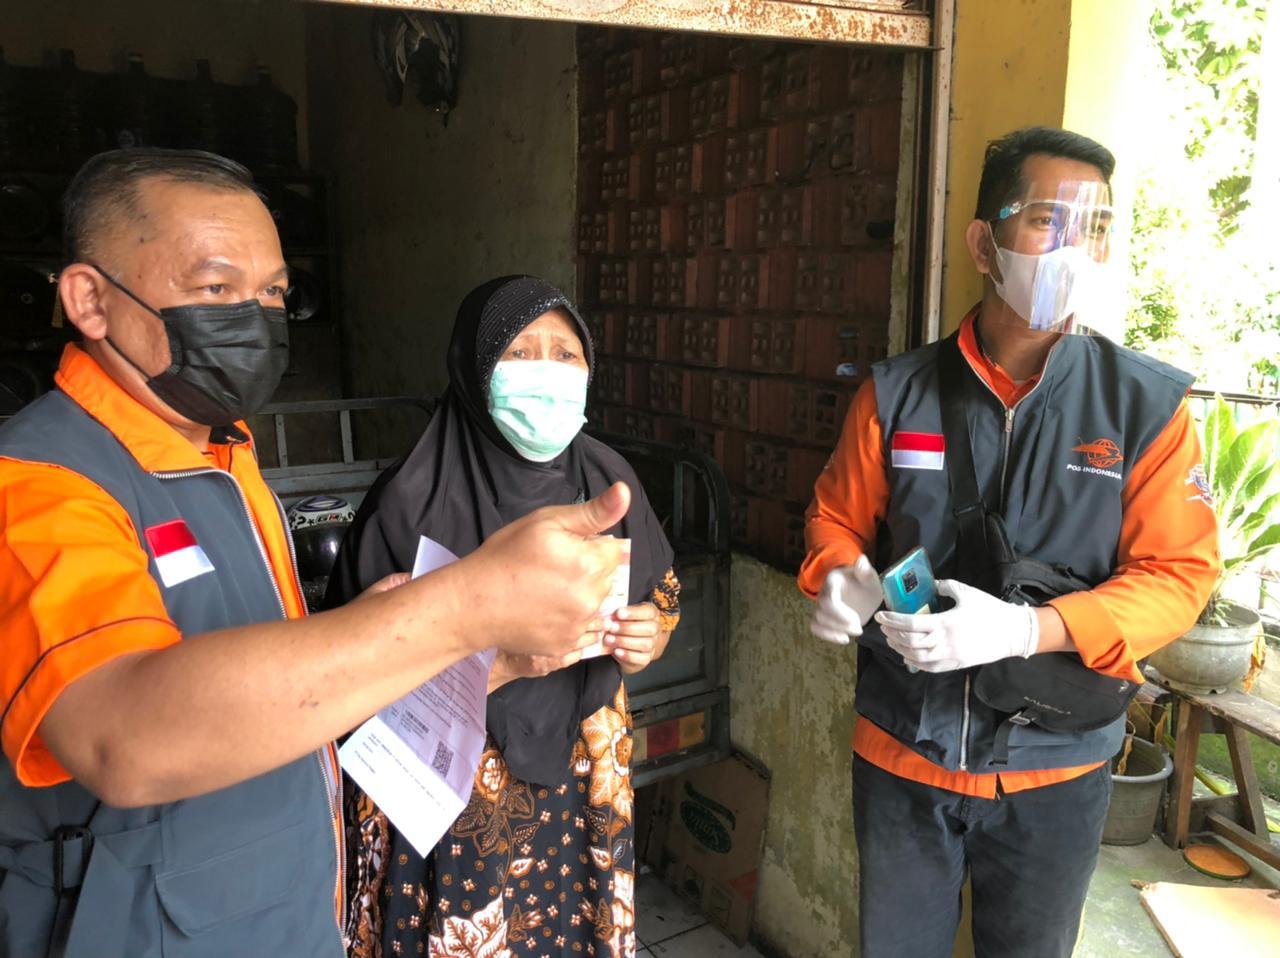 Bantuan sosial tunai (BST) mulai disalurkan pemerintah melalui PT Pos Indonesia bagi warga penerima di Kota Tangerang bertepatan dengan hari raya Idul Adha, Selasa 20 Juli 2021.